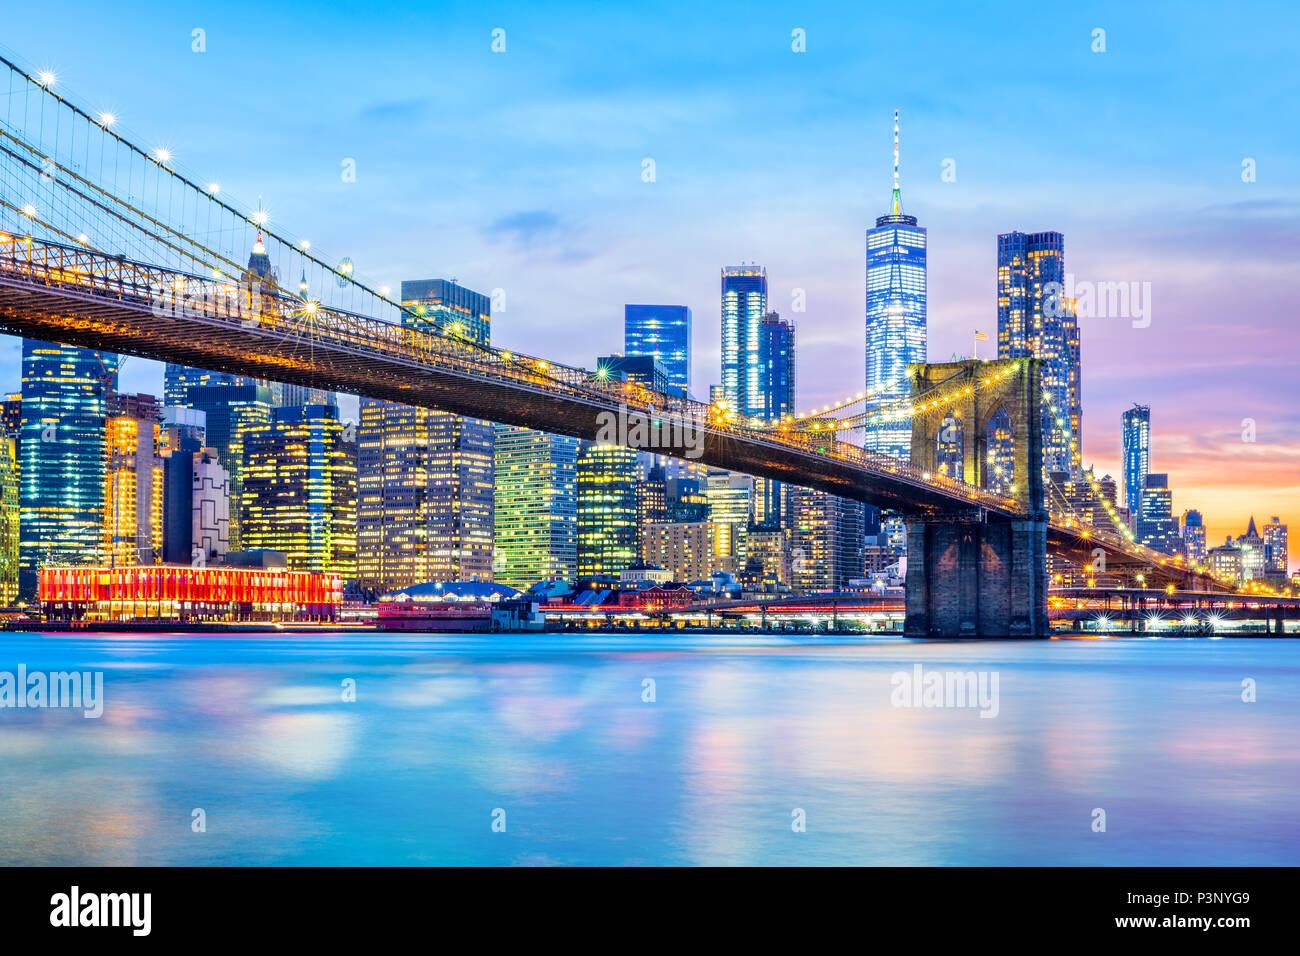 Puente de Brooklyn y Manhattan skyline al atardecer Imagen De Stock